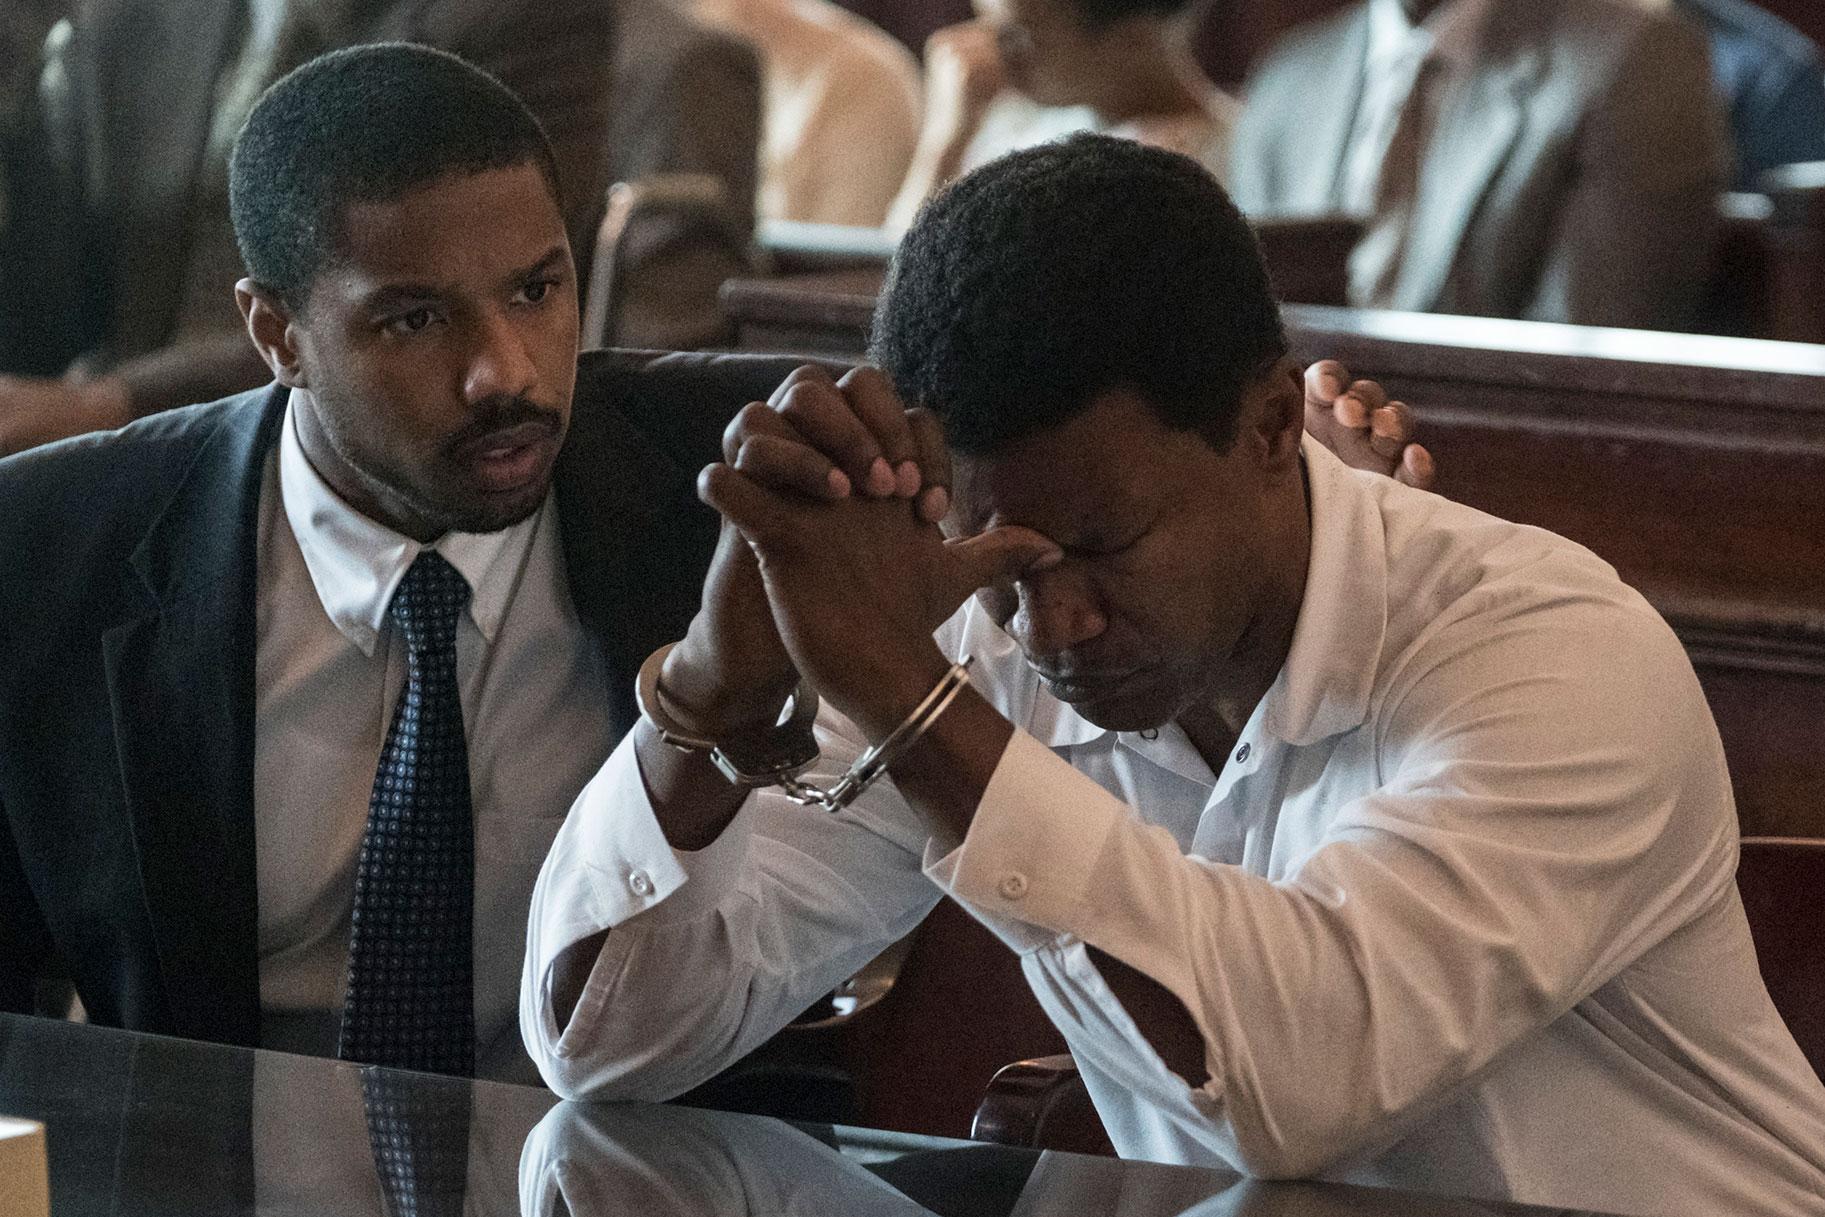 Sí, 'Just Mercy', protagonizada por Michael B. Jordan, está basada en una historia real asombrosa